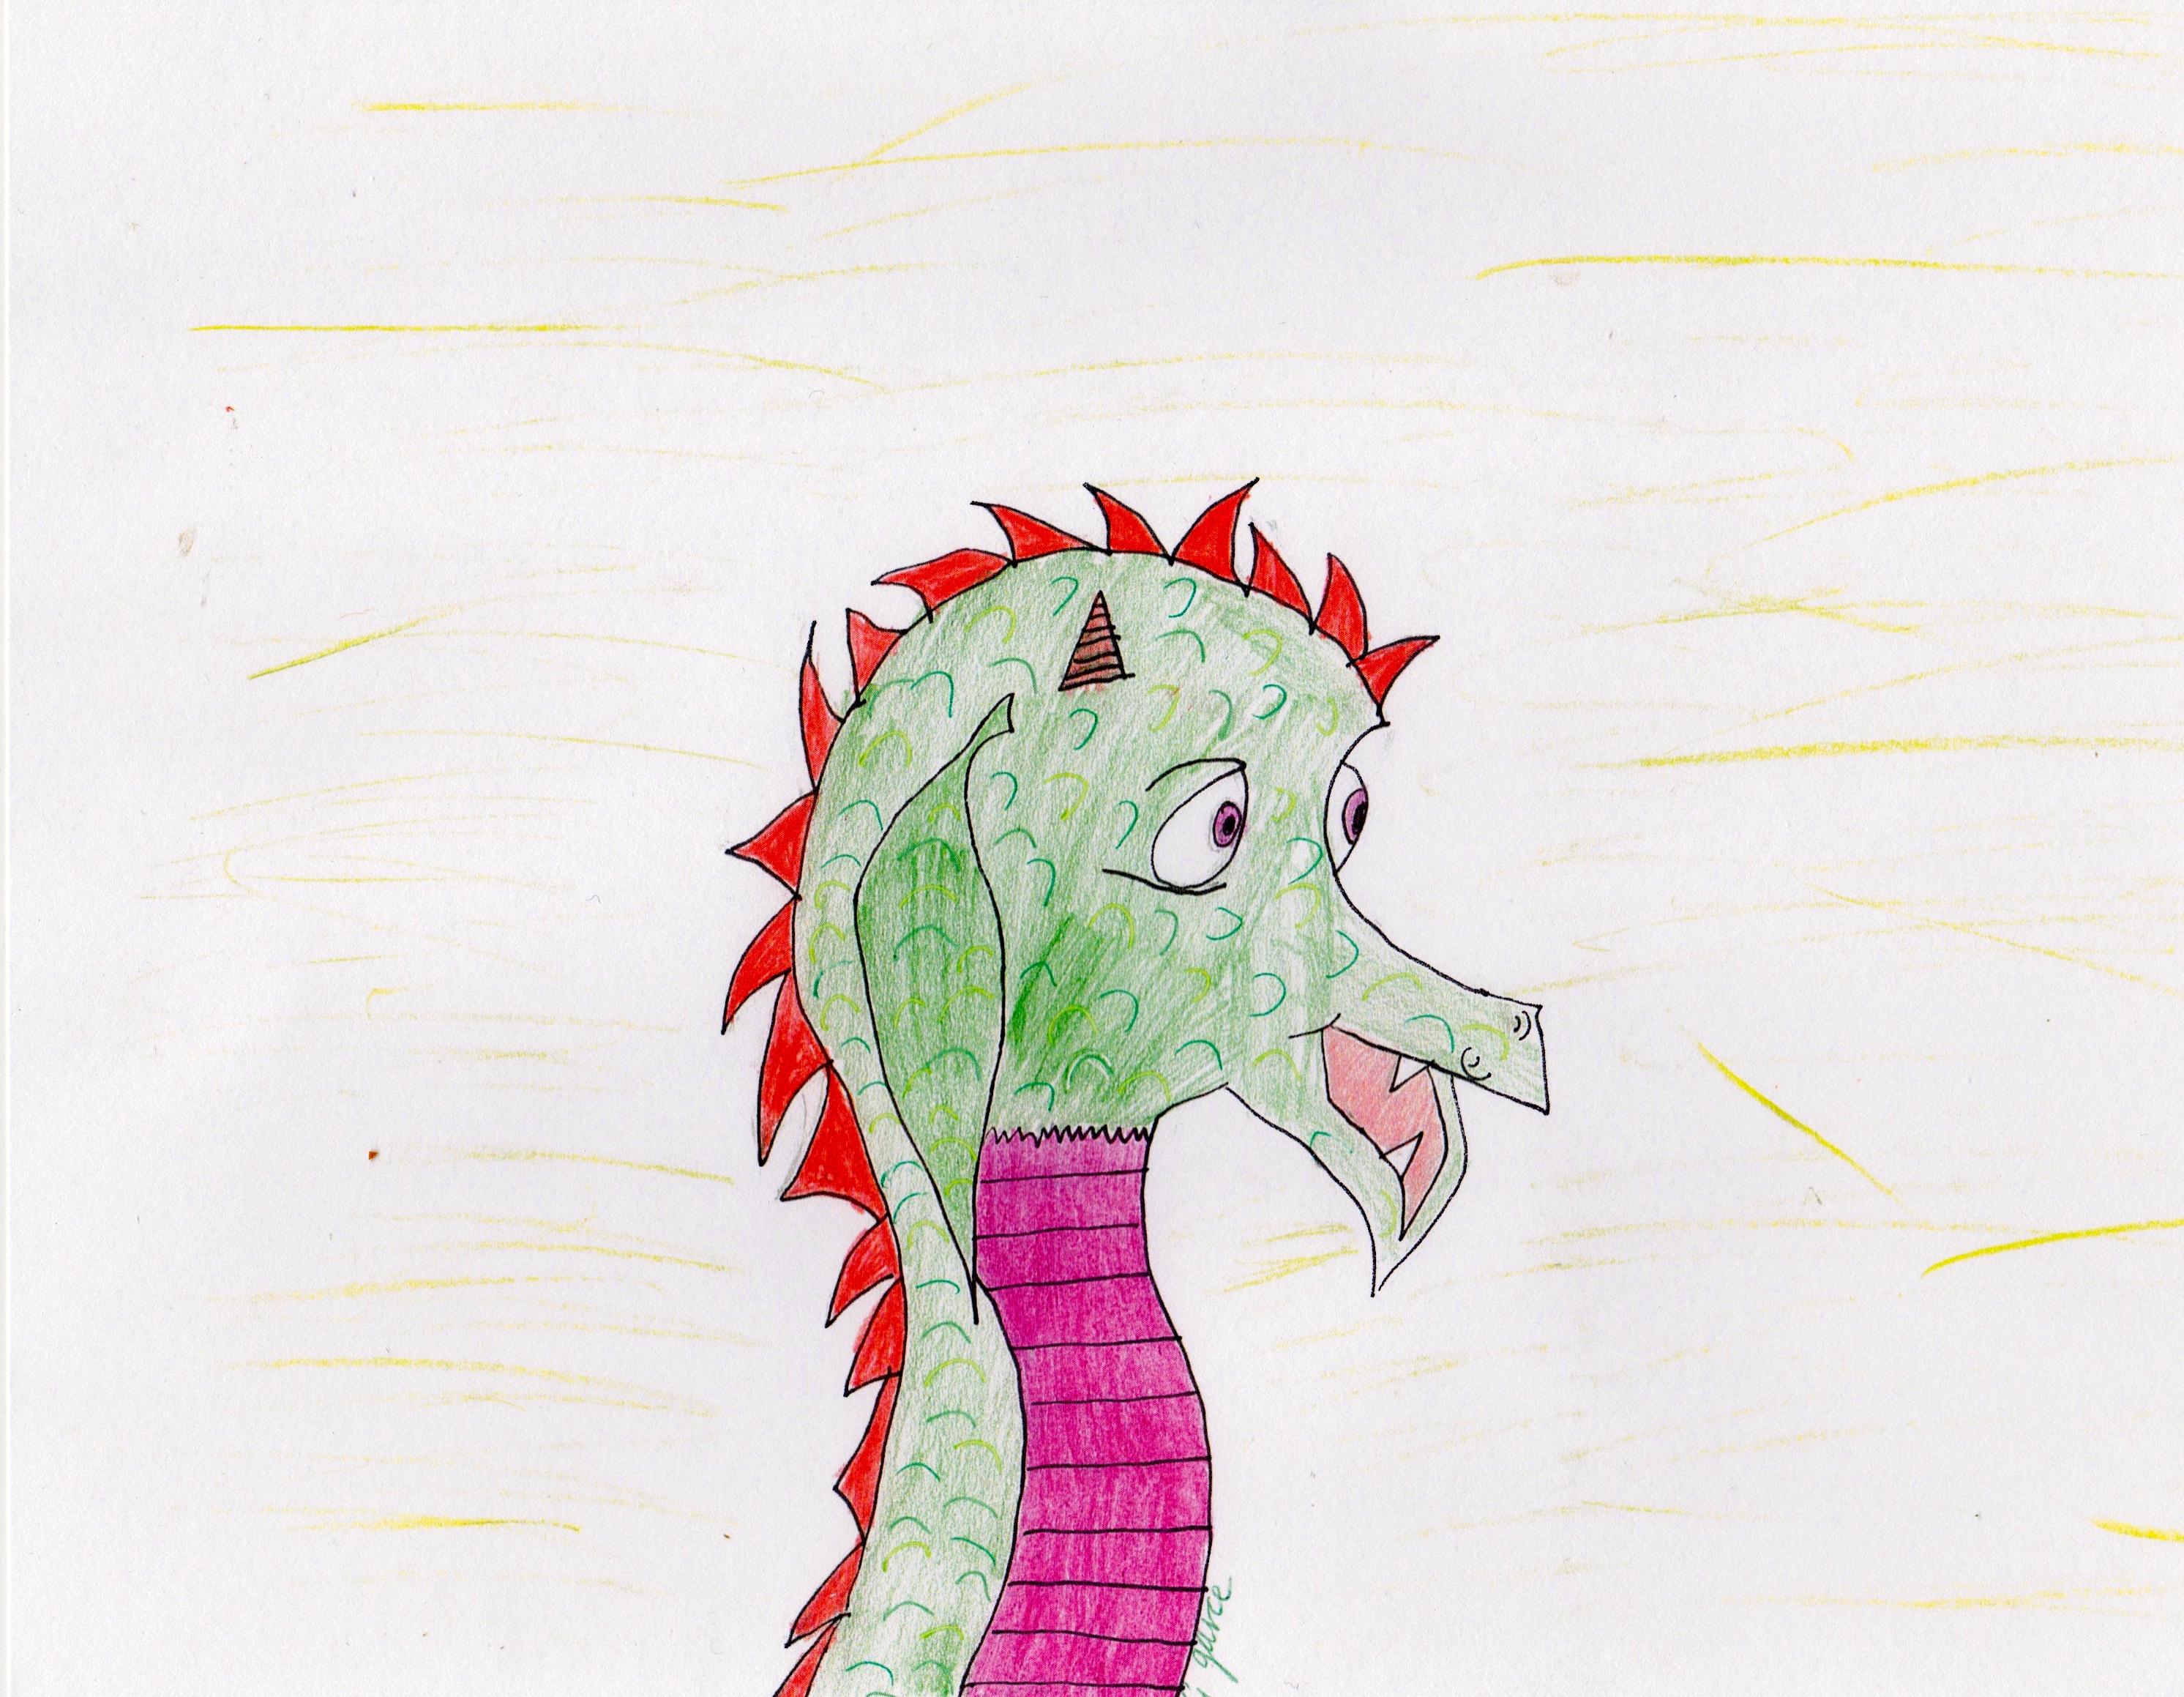 Lynn the Lady Dragon, by Georga Joy Garcia.